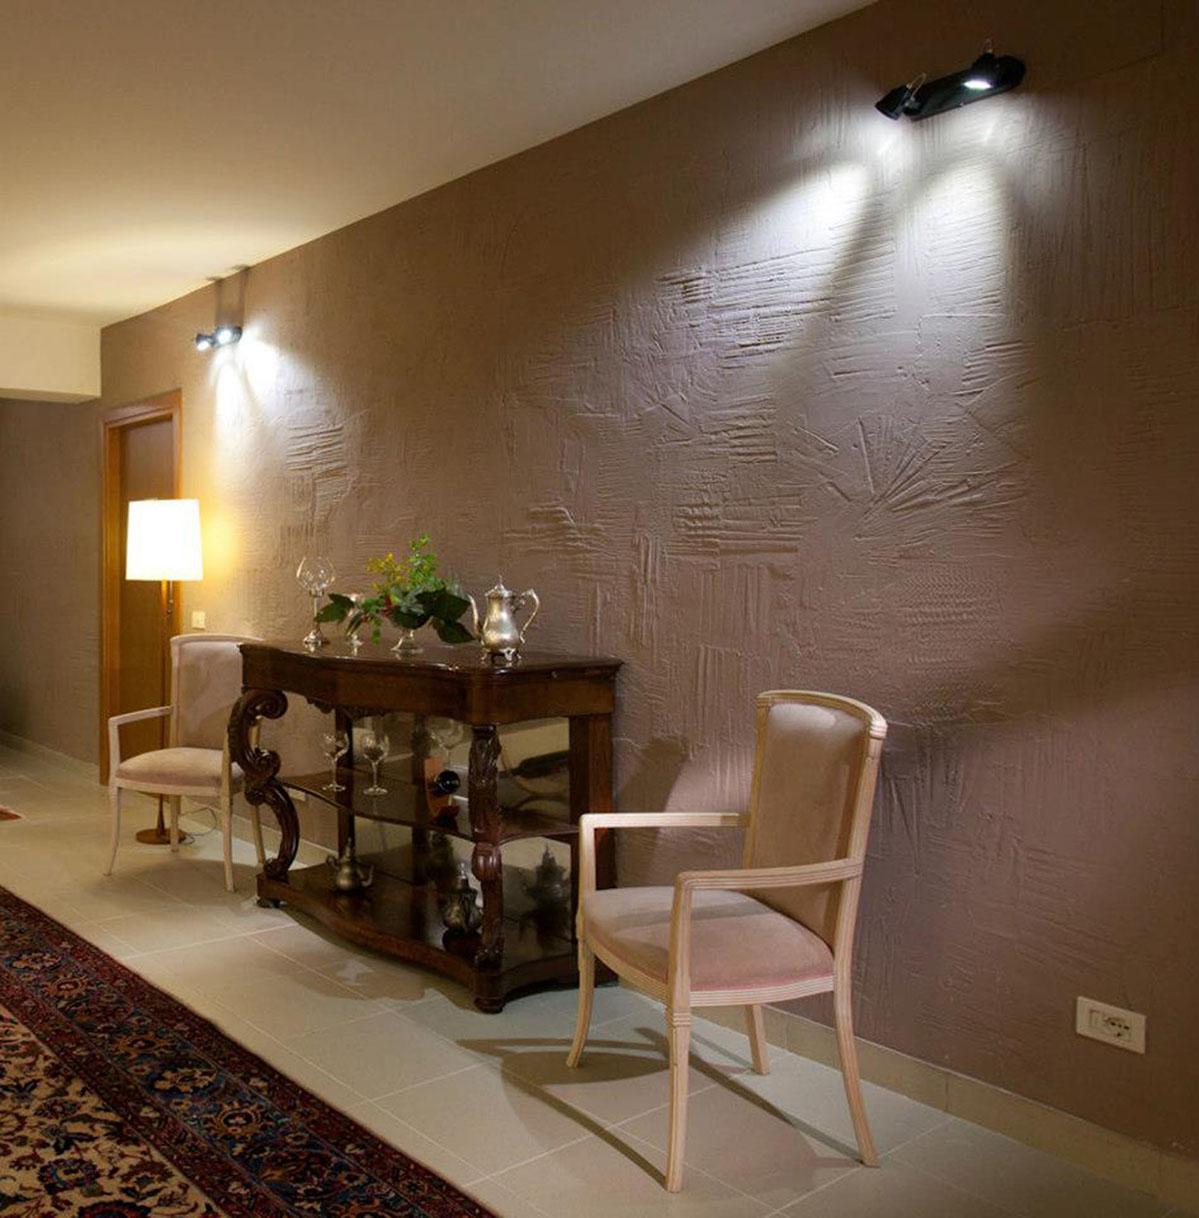 Parete colorata Residenza privata Roma Tecnica mista. Gesso modellato su muro a bassissimo rilievo e graffito. Colorazione con pigmenti. Mq 21